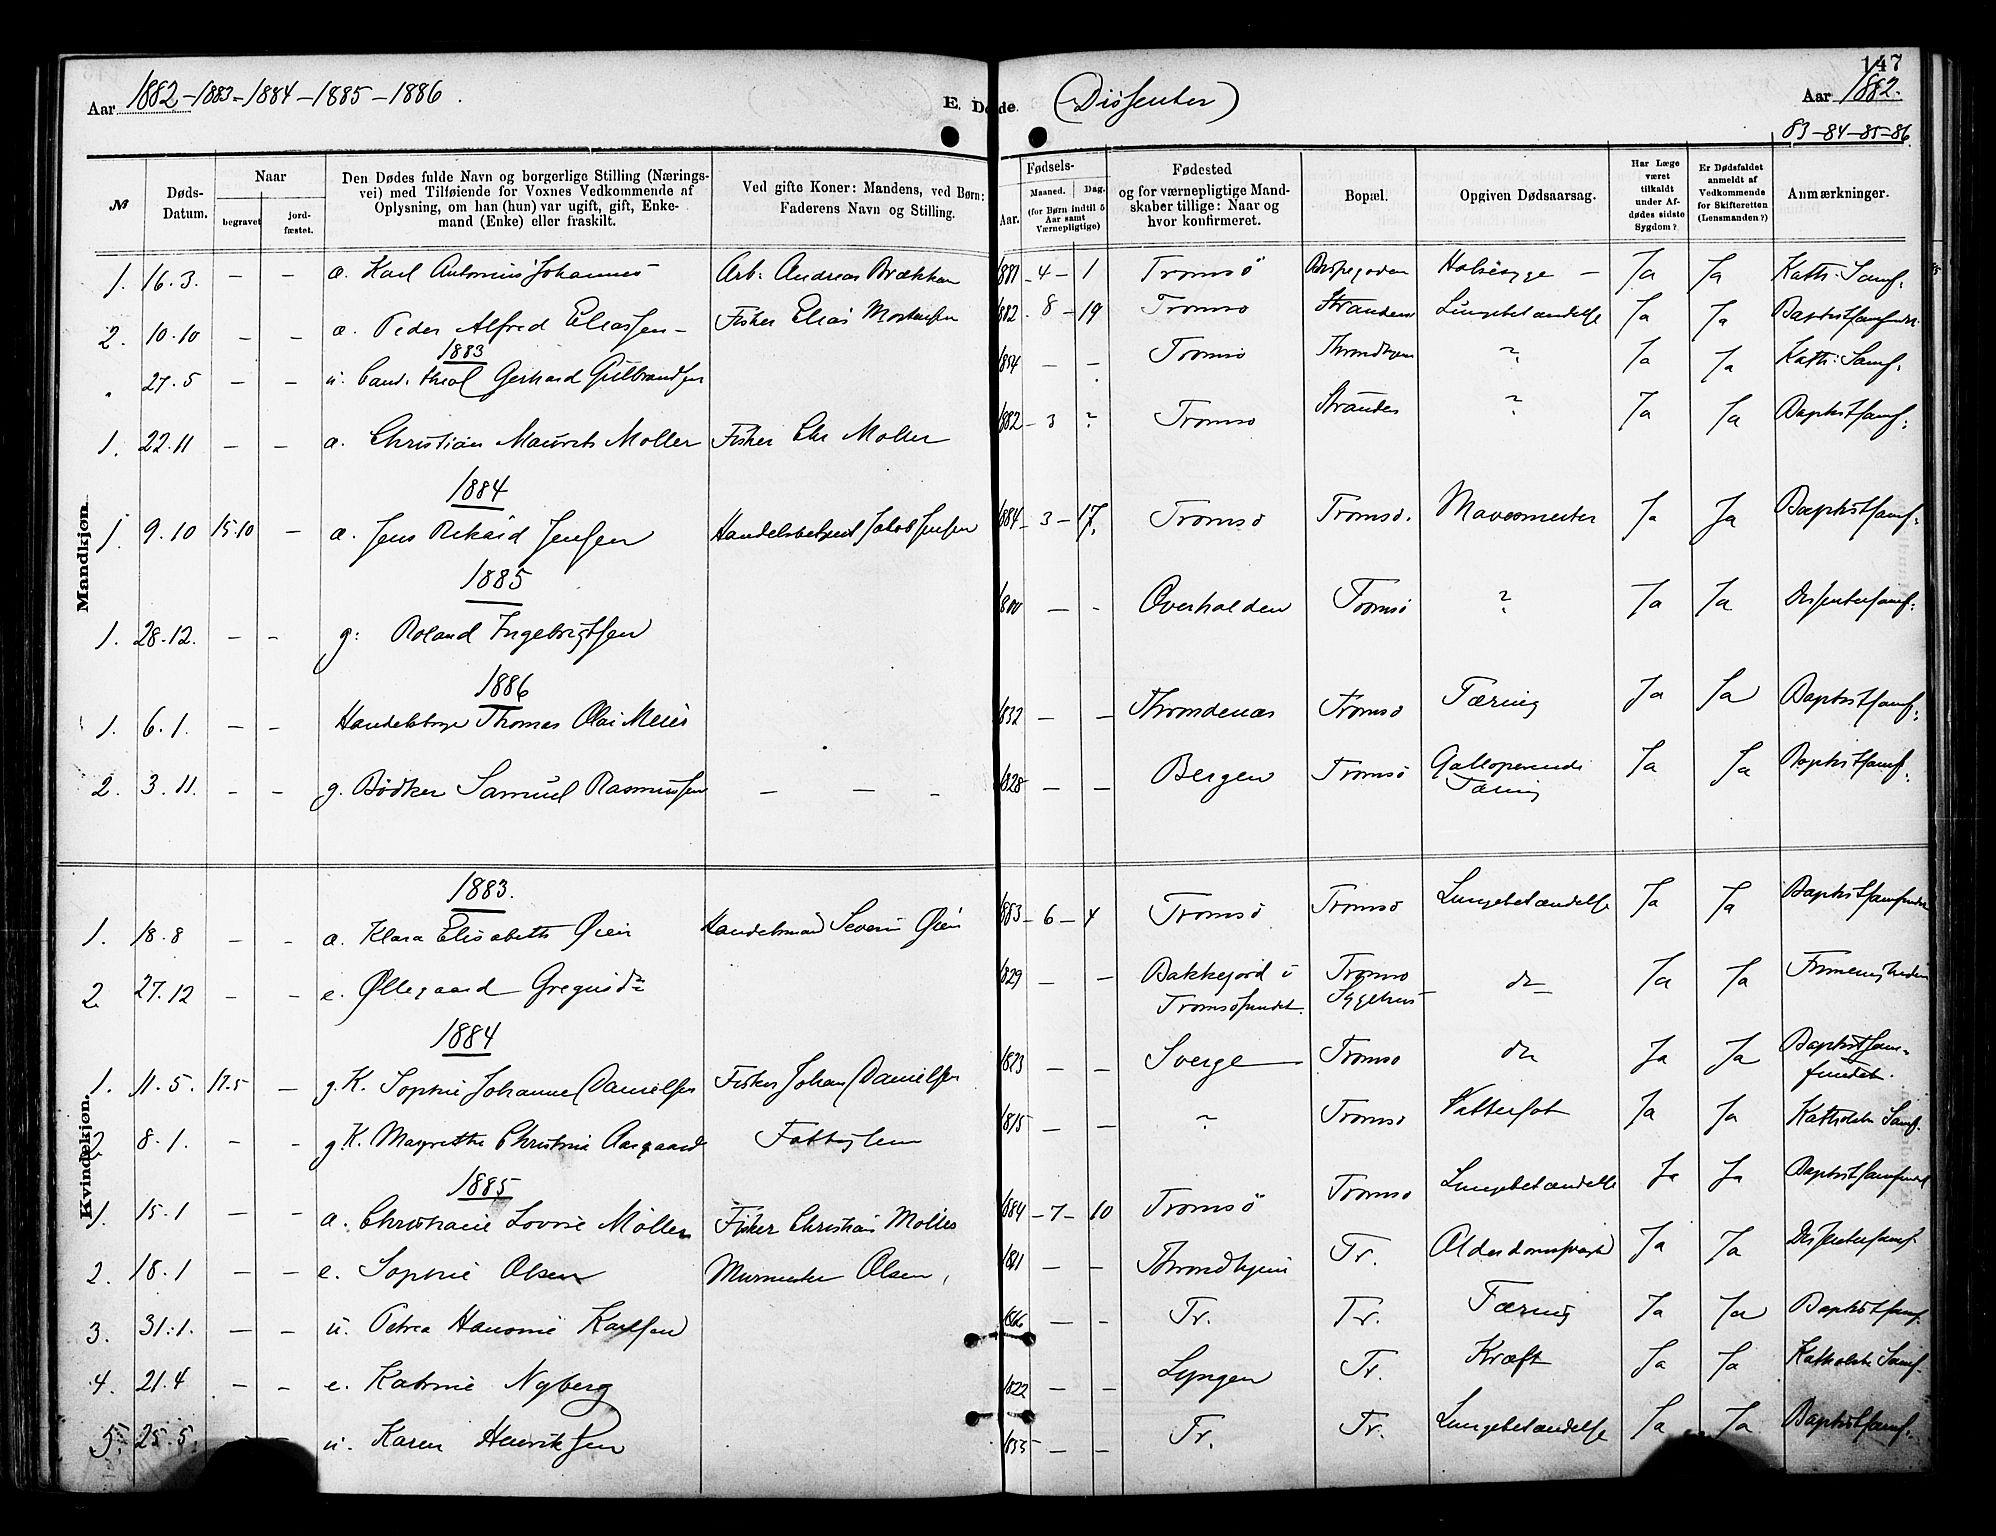 SATØ, Tromsø sokneprestkontor/stiftsprosti/domprosti, G/Ga/L0014kirke: Ministerialbok nr. 14, 1878-1888, s. 147